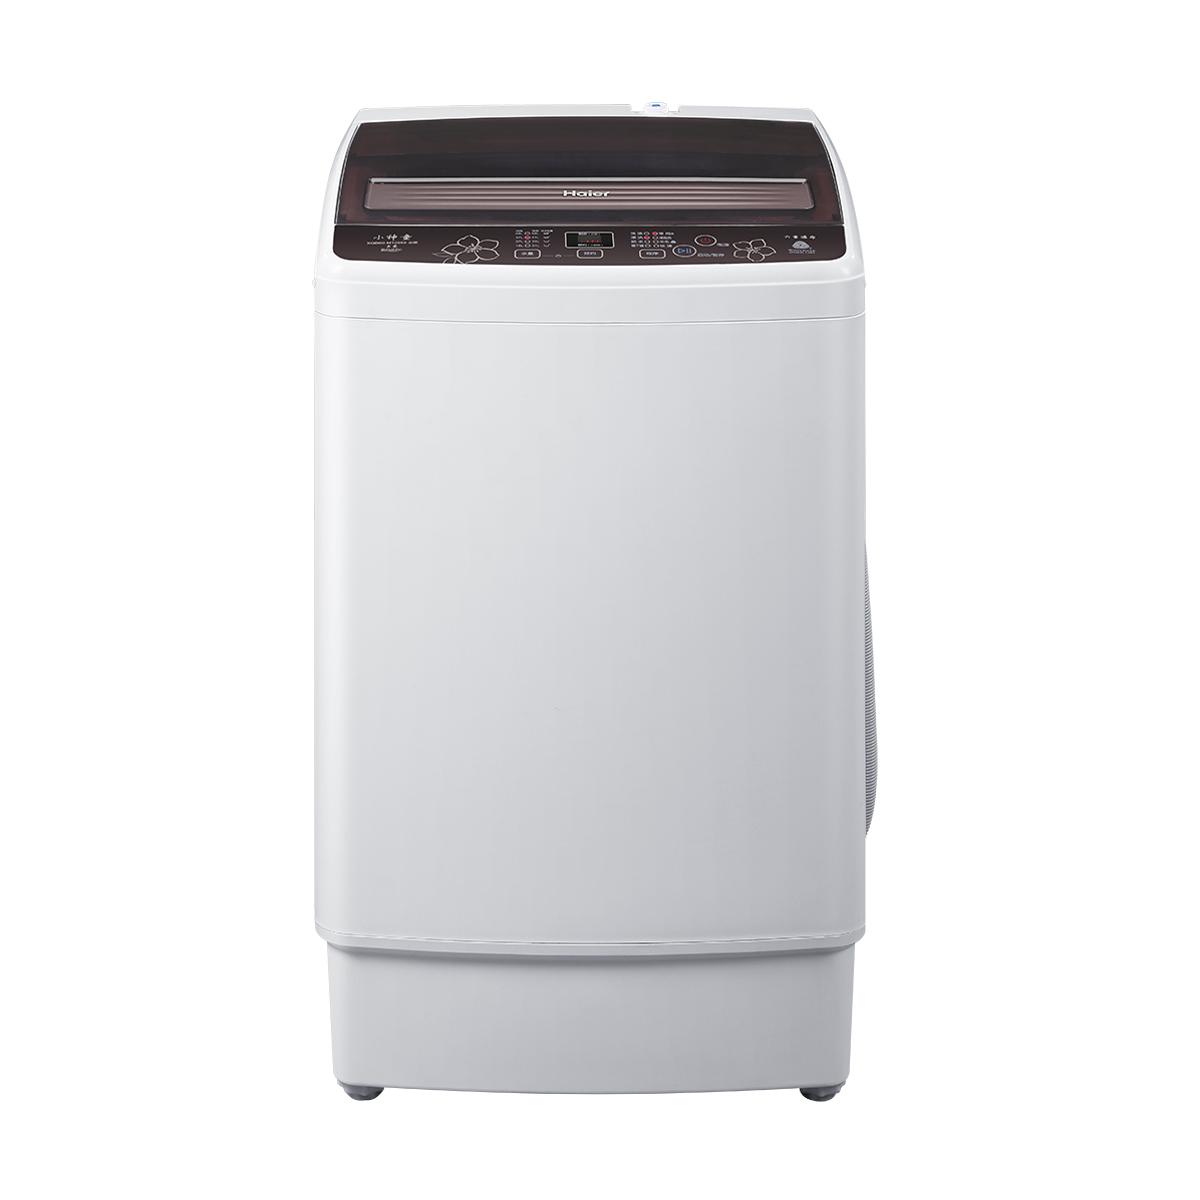 海尔Haier洗衣机 XQB60-M12588 说明书